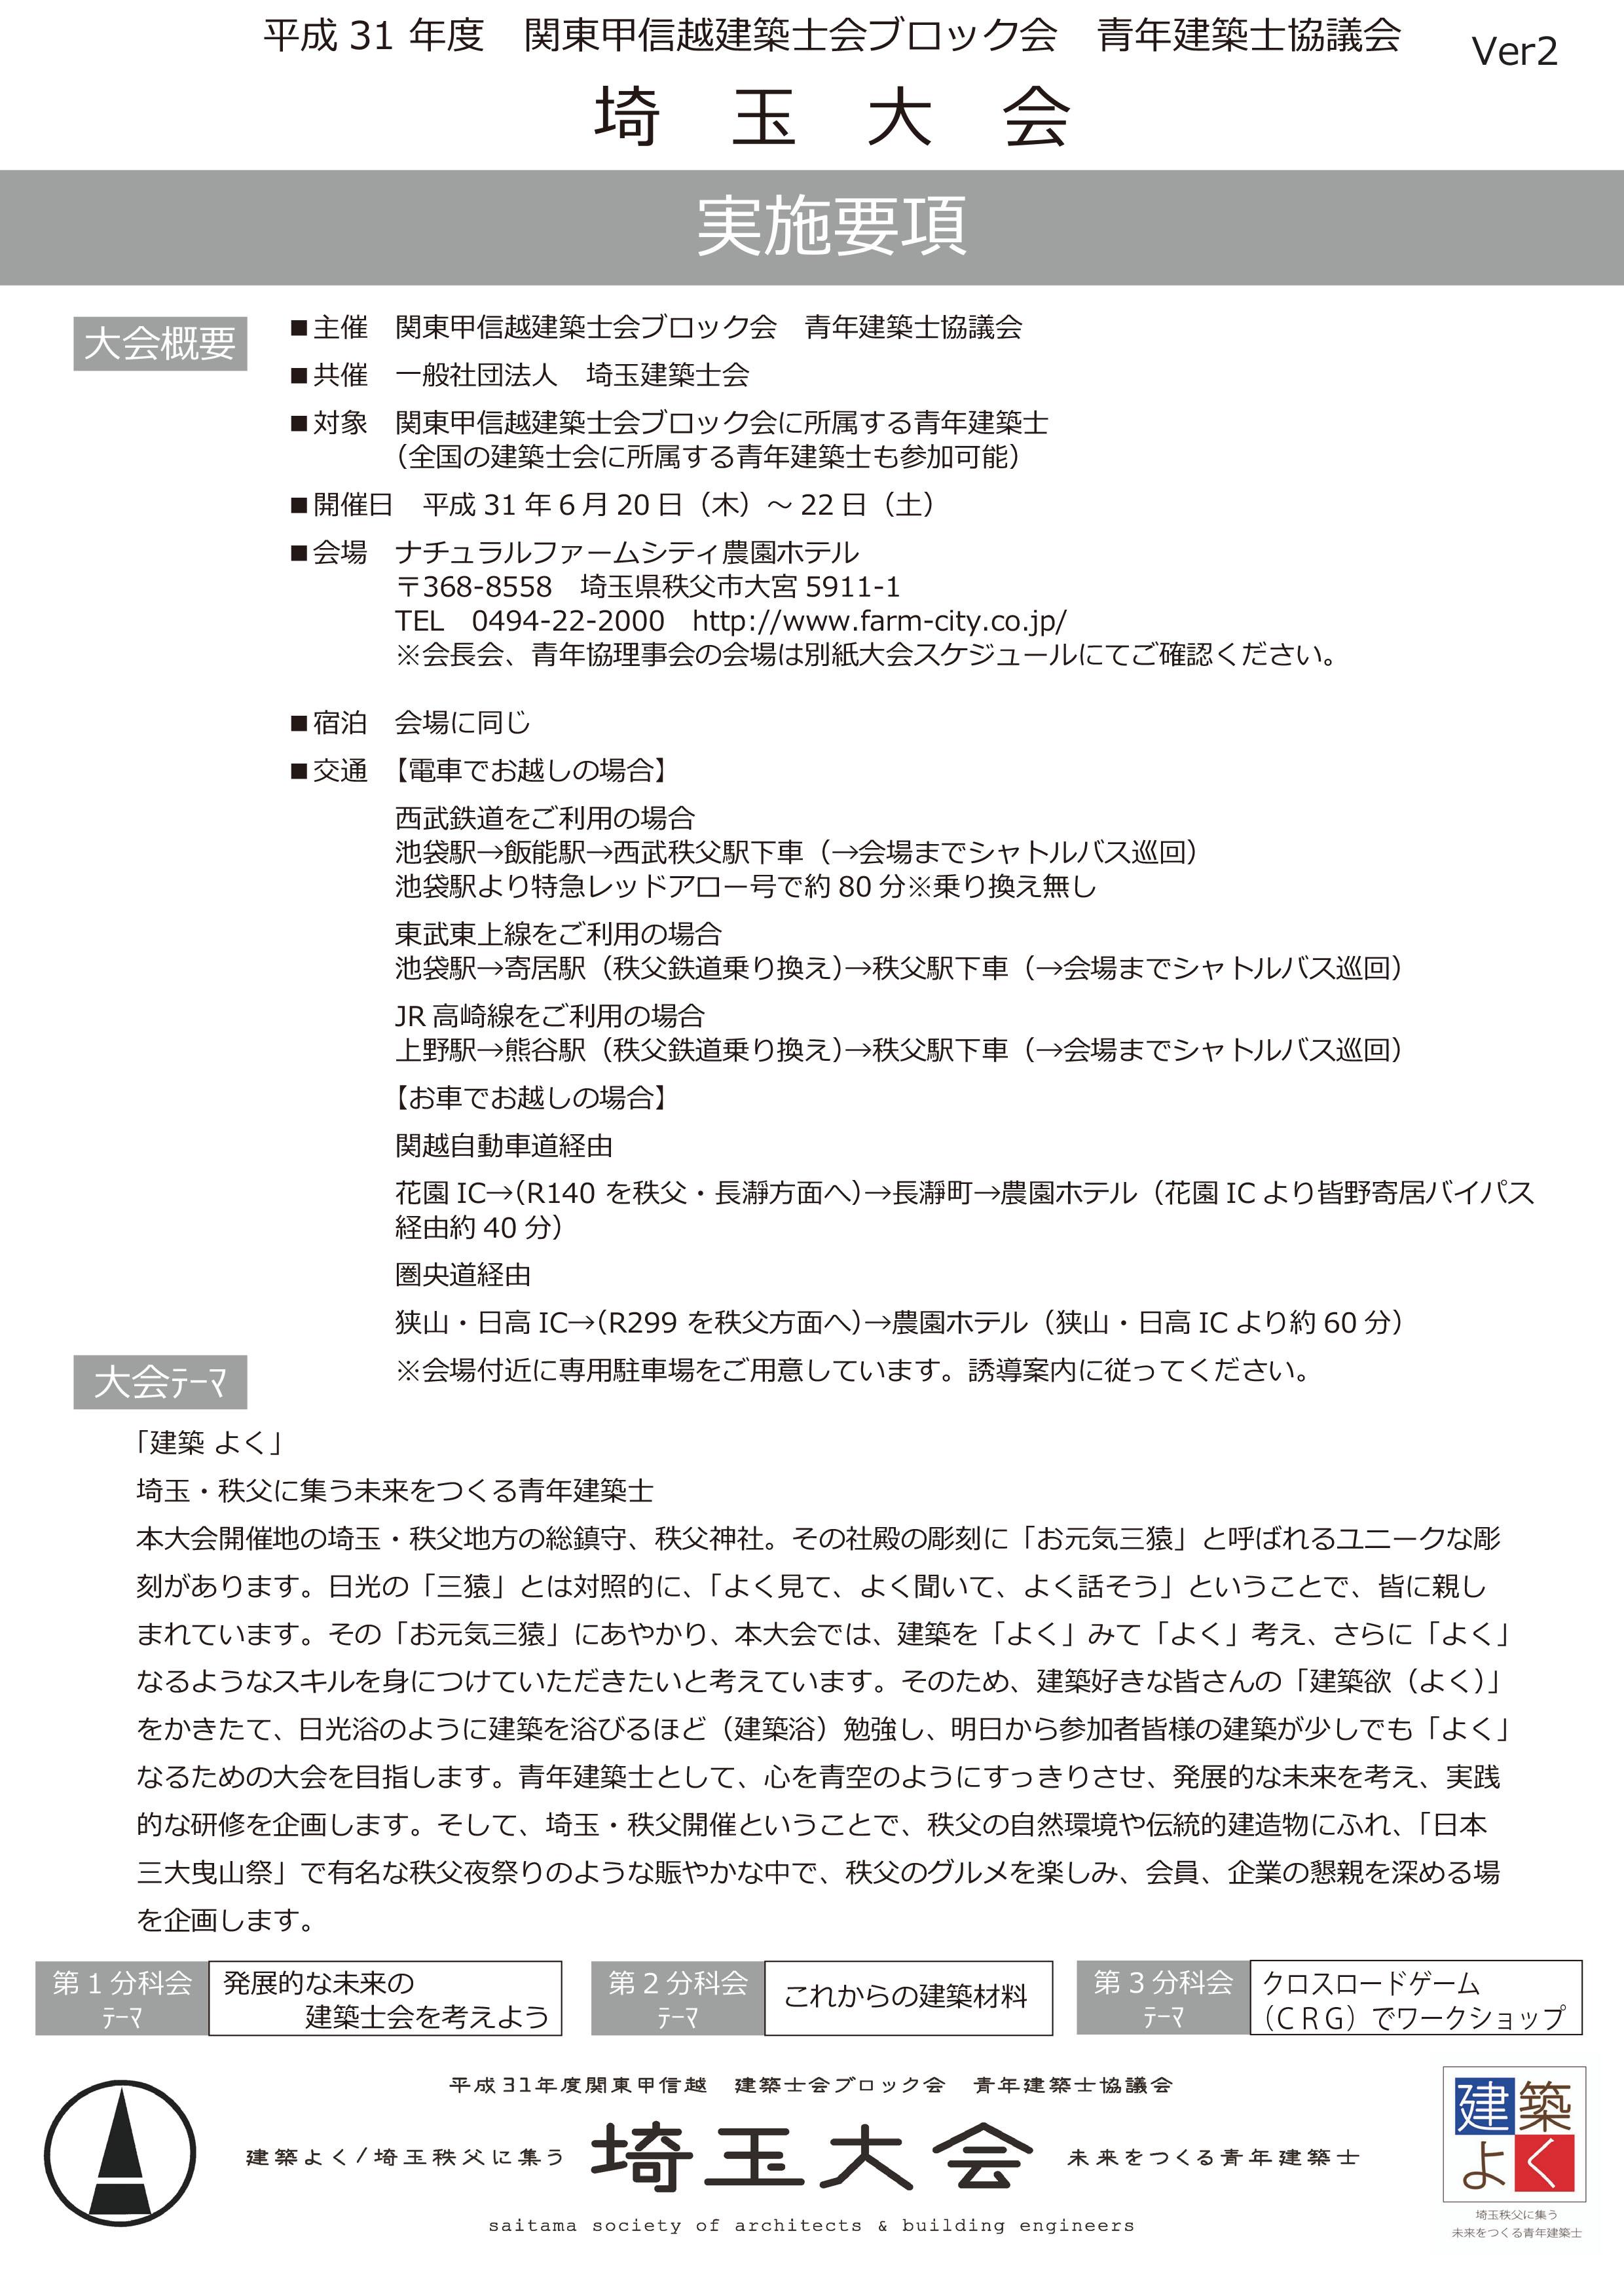 平成31年度  関東甲信越建築士会ブロック会 青年建築士協議会 埼玉大会